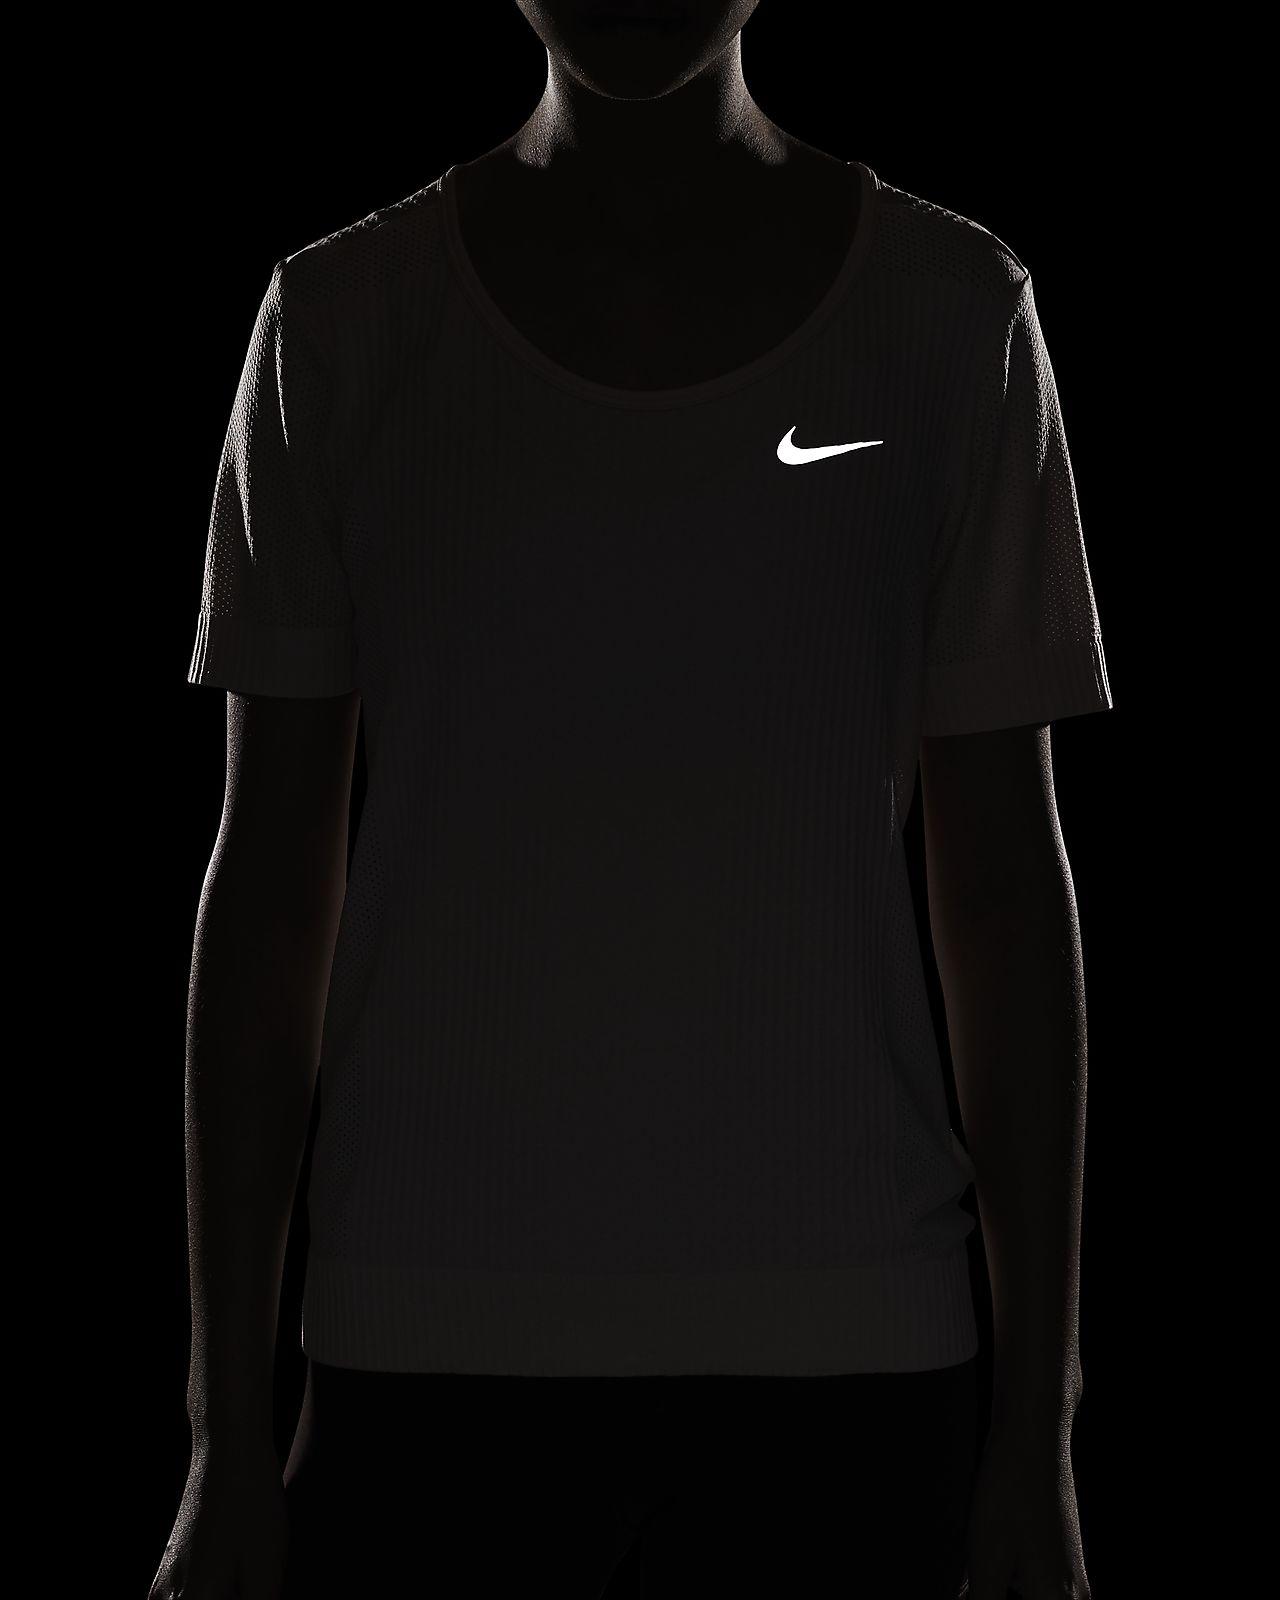 Nike Infinite Kurzarm Laufoberteil für Damen